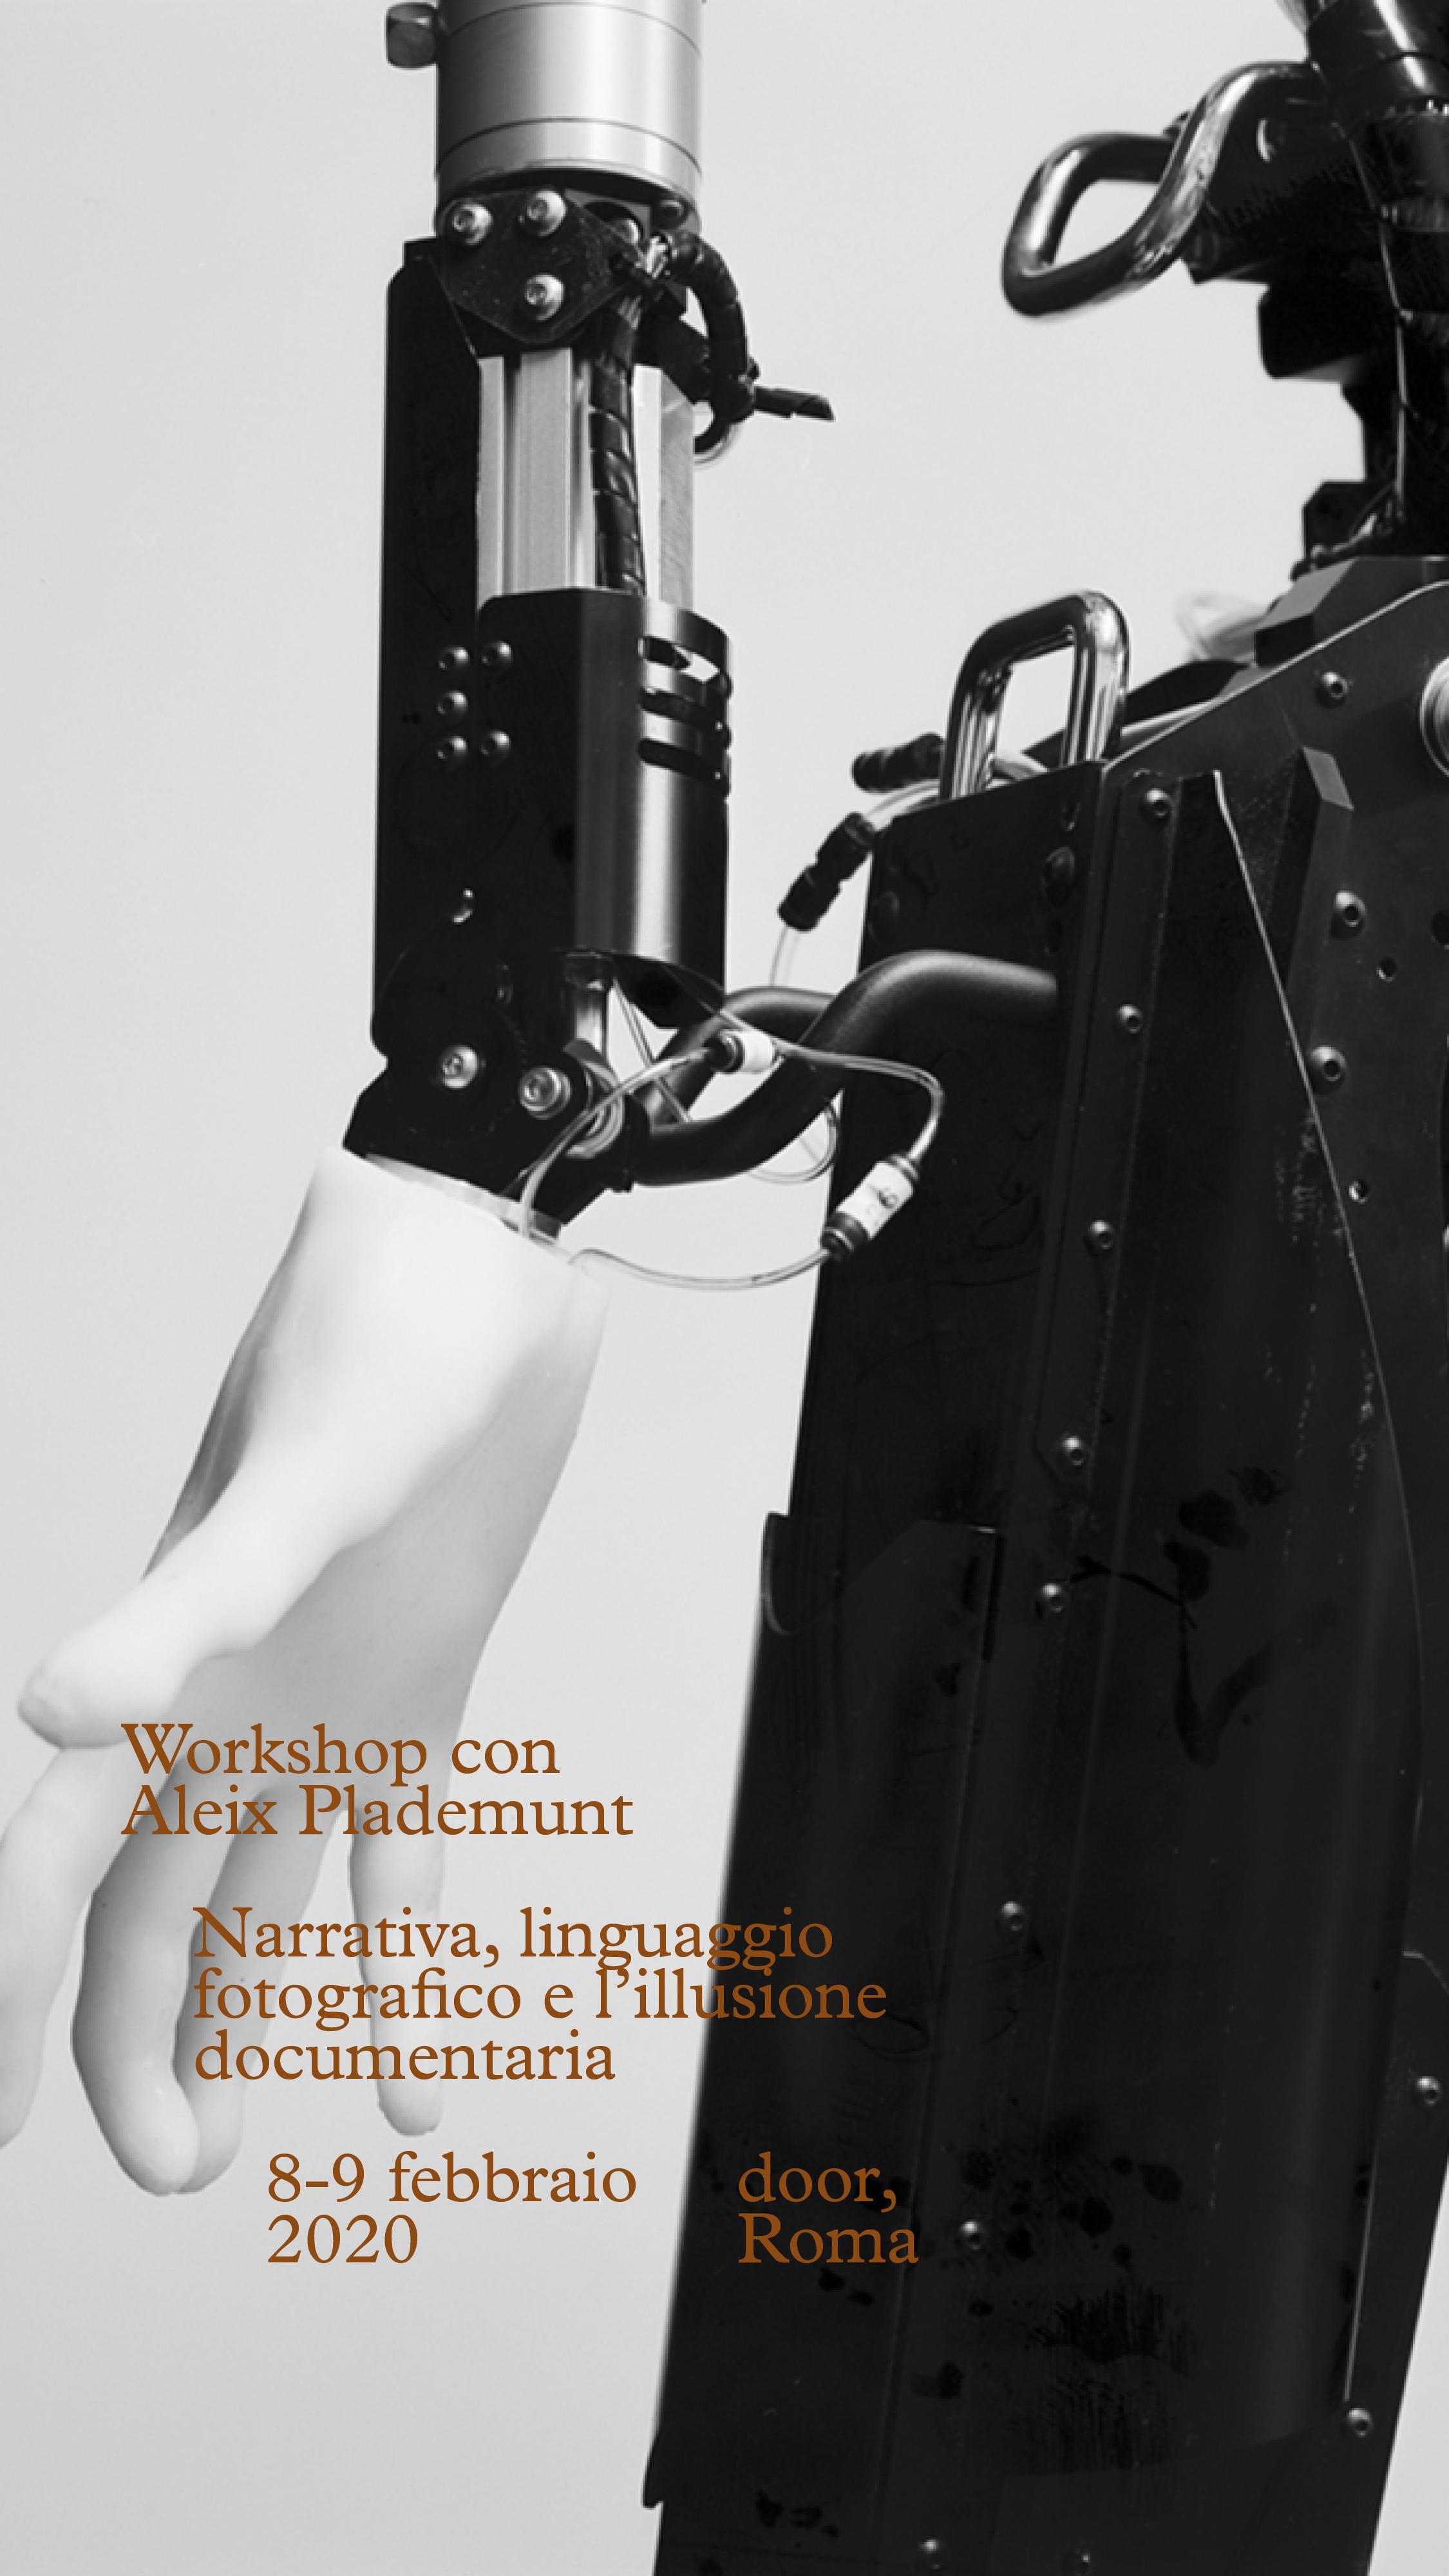 Workshop con Aleix Plademunt